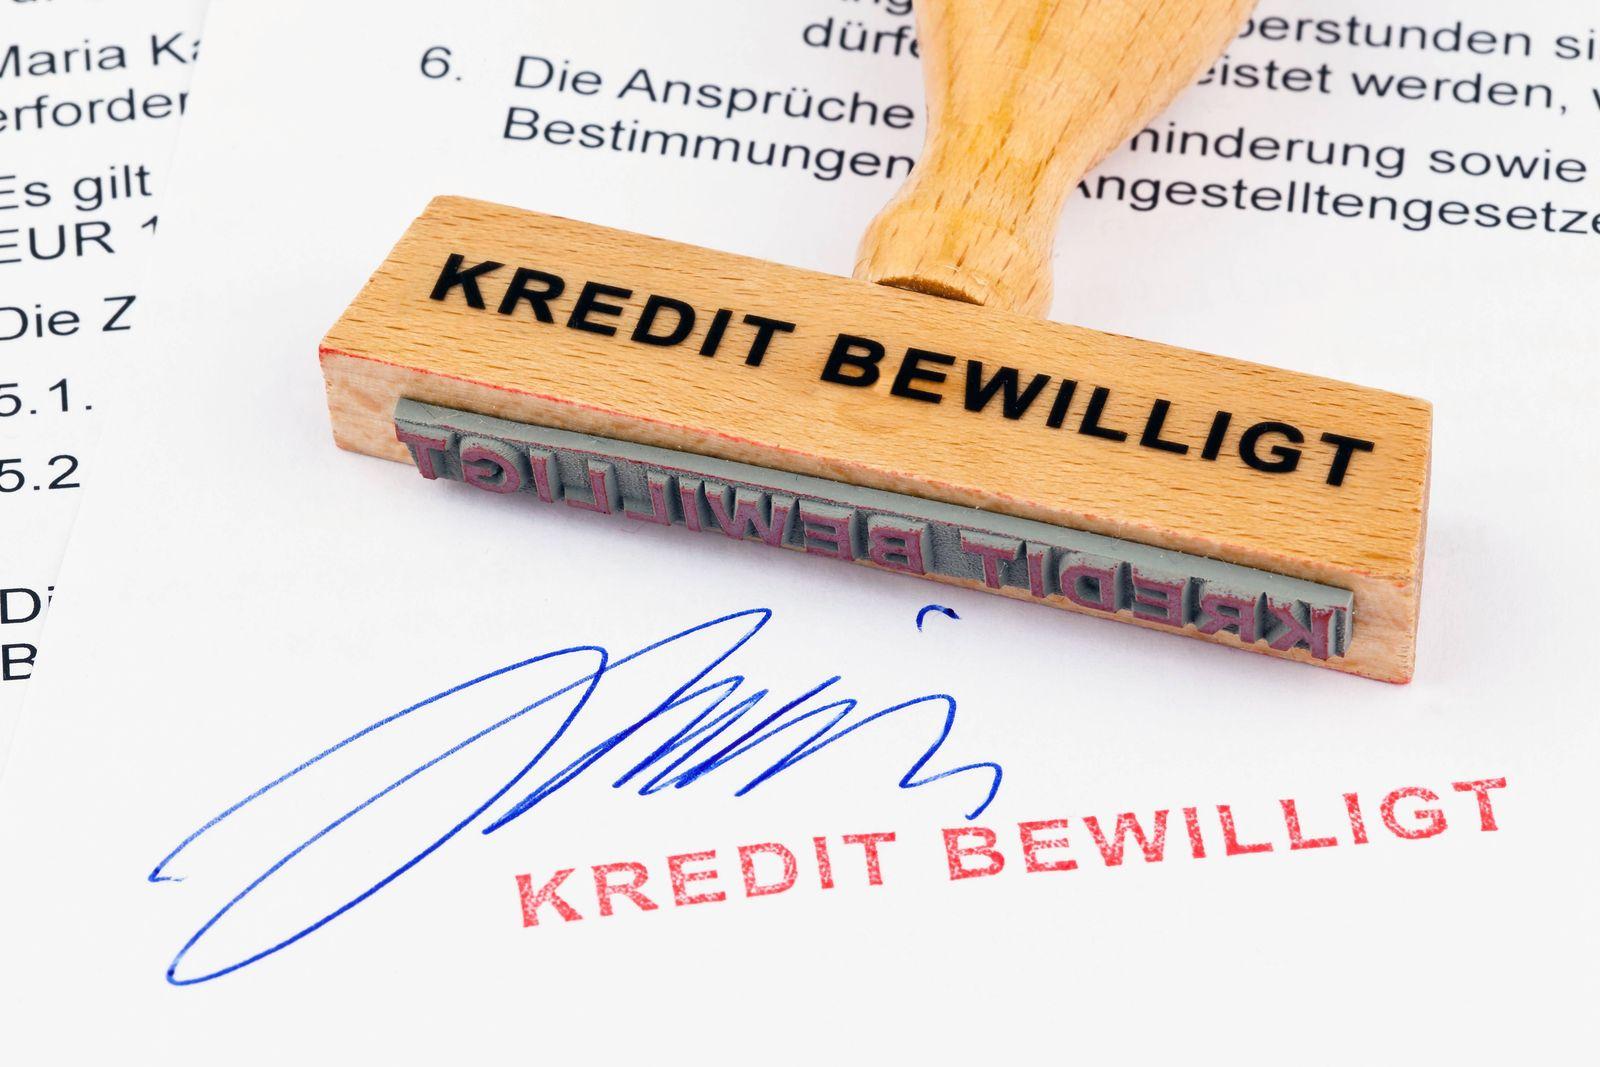 Ein Stempel aus Holz liegt auf einem Dokument Aufschrift Kredit bewilligt McPBBO McPBBO